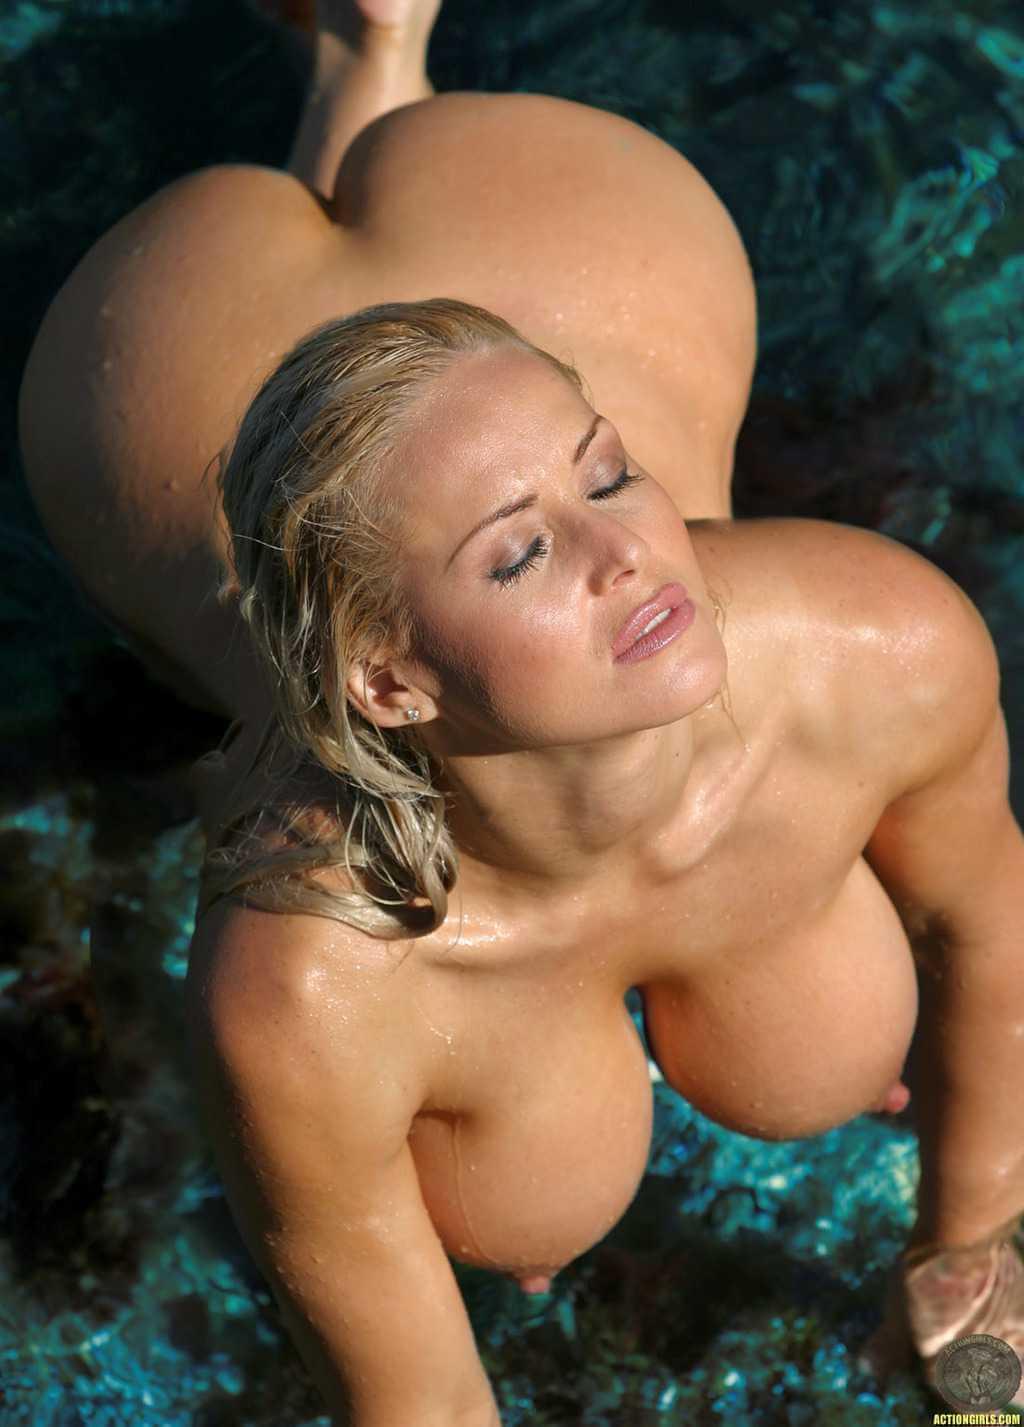 金髪, 巨乳 金髪で巨乳おっぱいしちゃってる女性は二次元でも三次元でもエロすぎる!